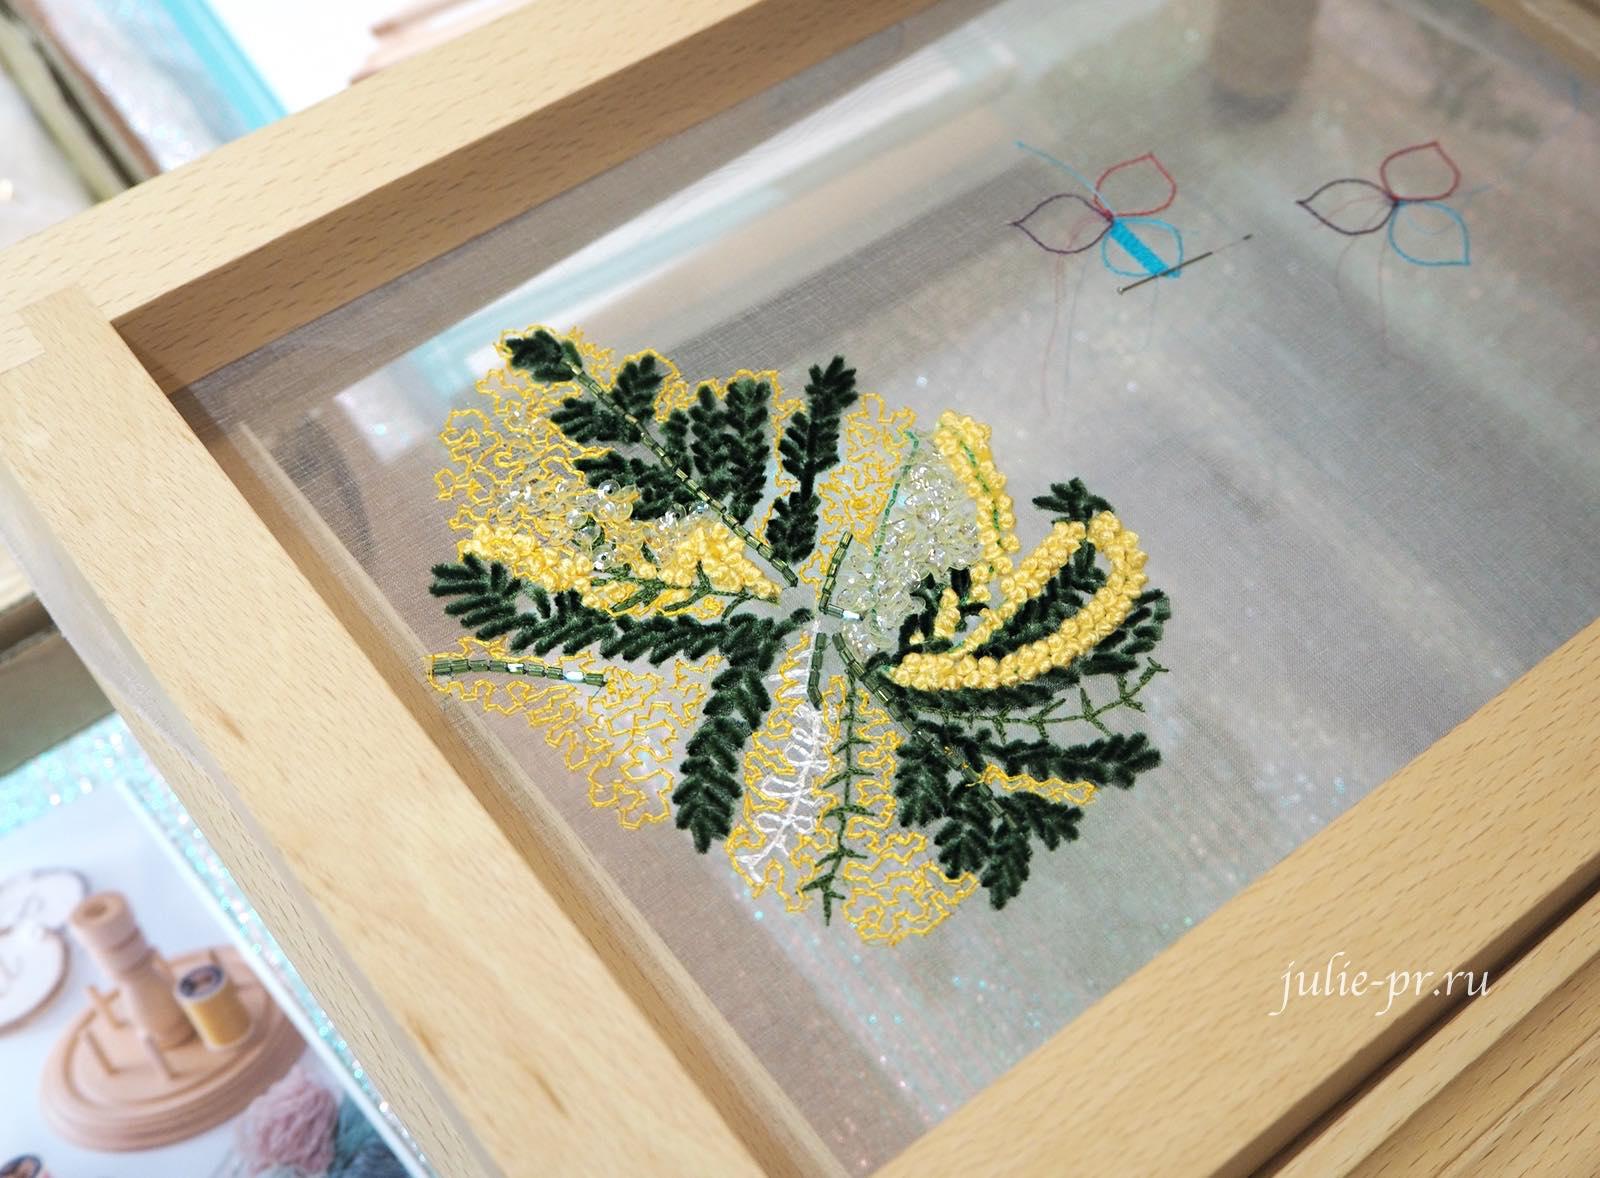 Atelier Cotoha, Chie Ogawa, кутюрная вышивка, выставка в Париже Aiguille en fete